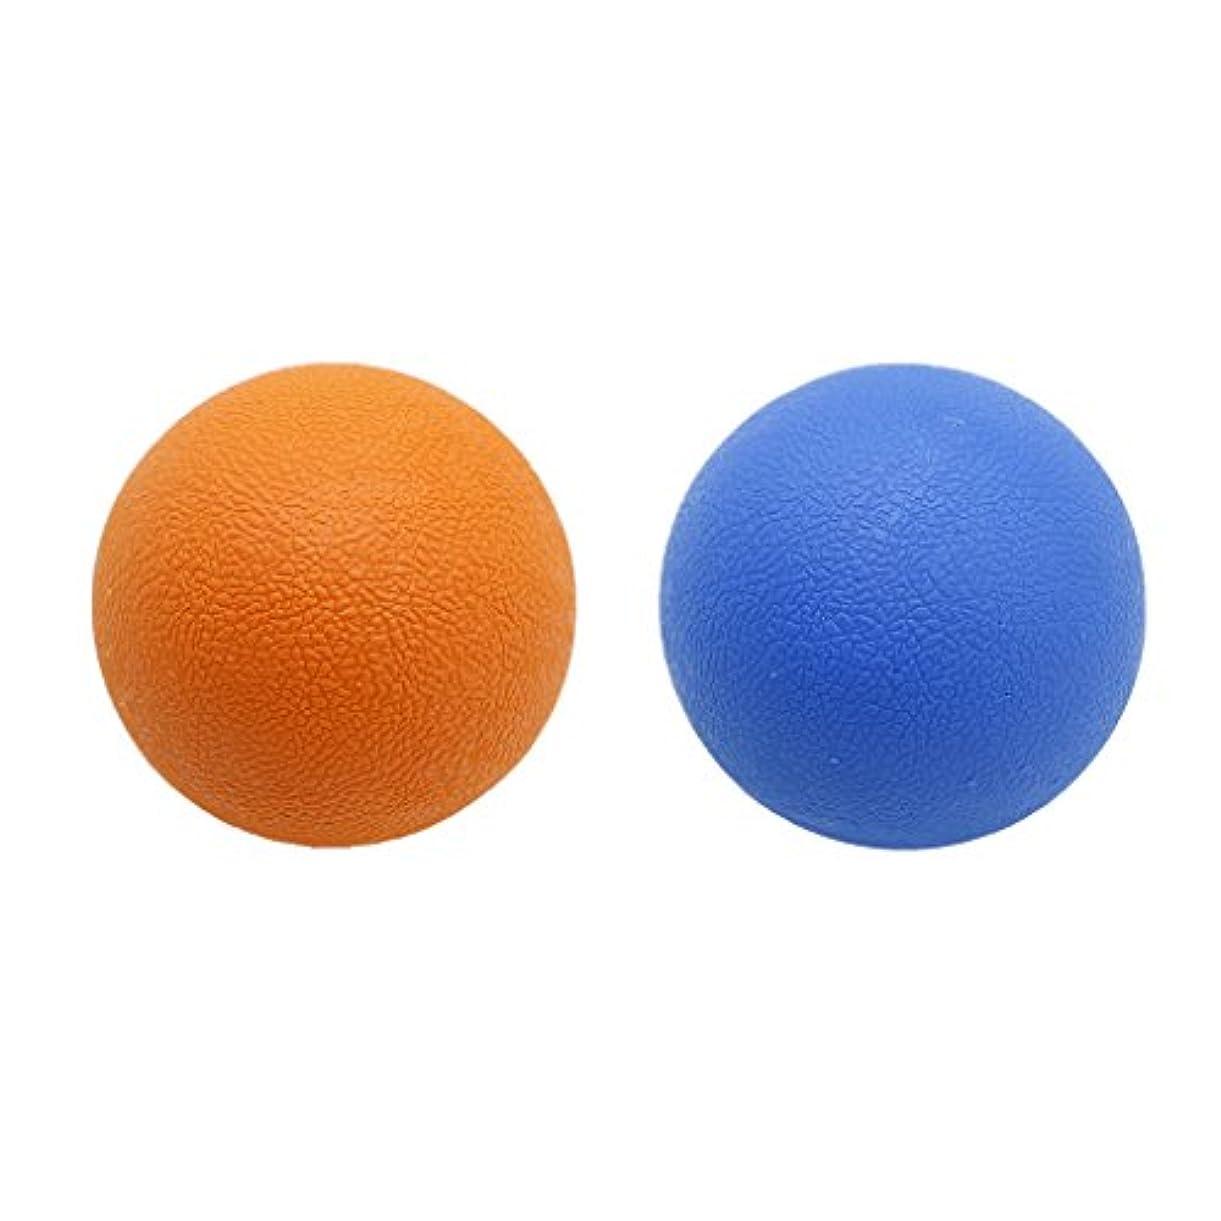 Perfk 2個 マッサージボール ストレッチボール トリガーポイント トレーニング マッサージ リラックス 便利 多色選べる - オレンジブルー